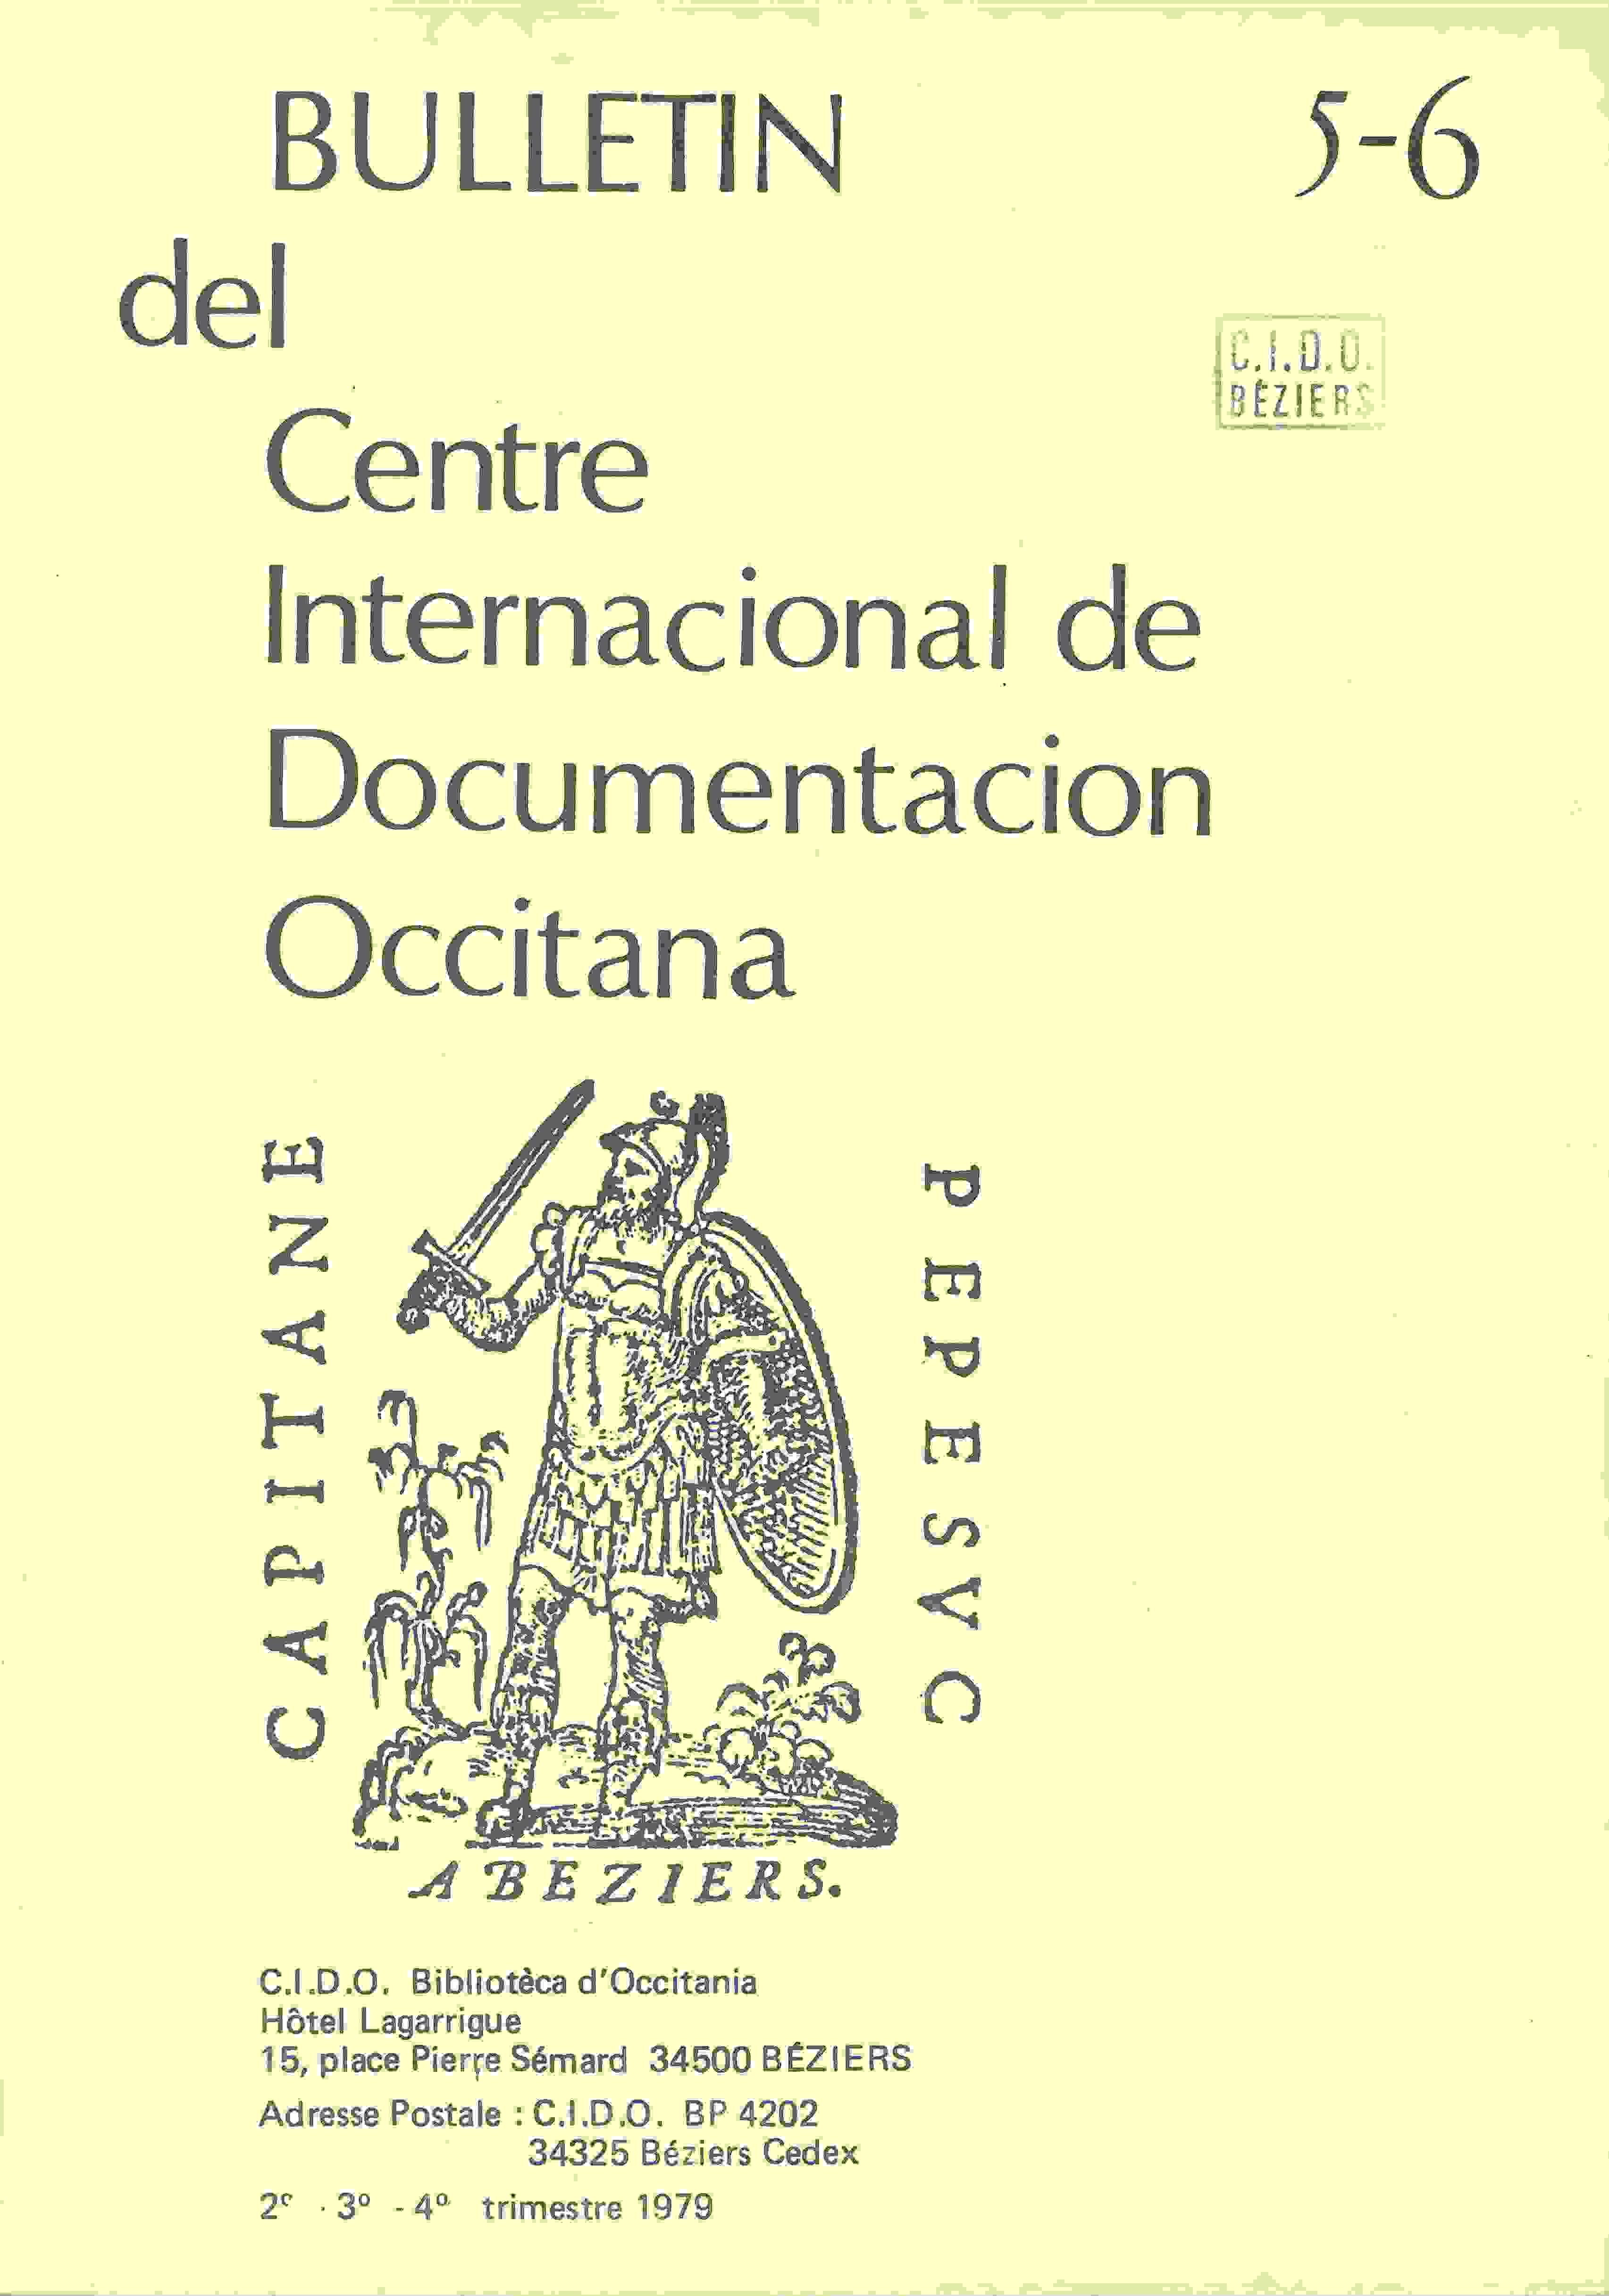 Bulletin del Centre Internacional de Documentacion Occitana publié de 1976 à 1979.